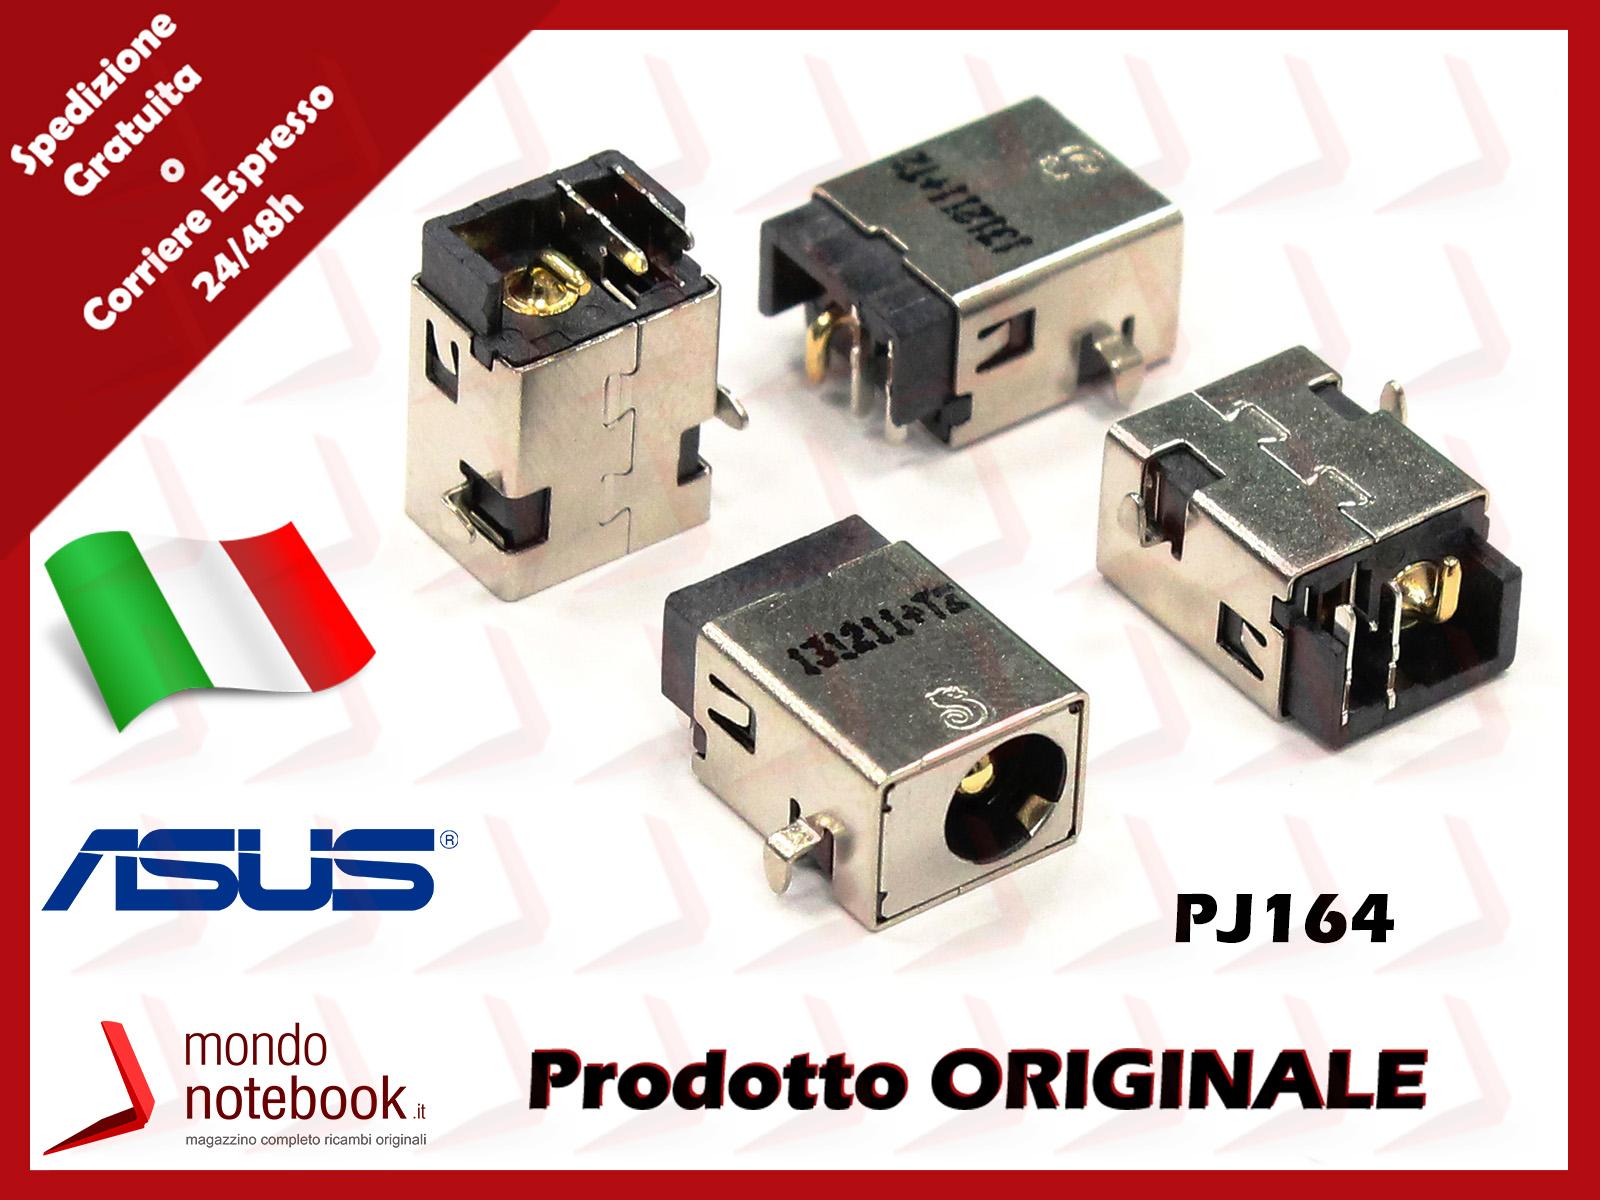 Connettore di Alimentazione DC Power Jack ASUS PJ164 2,5mm G53 G53S G53SW G53SX G53J G53JW G53JW-3DE